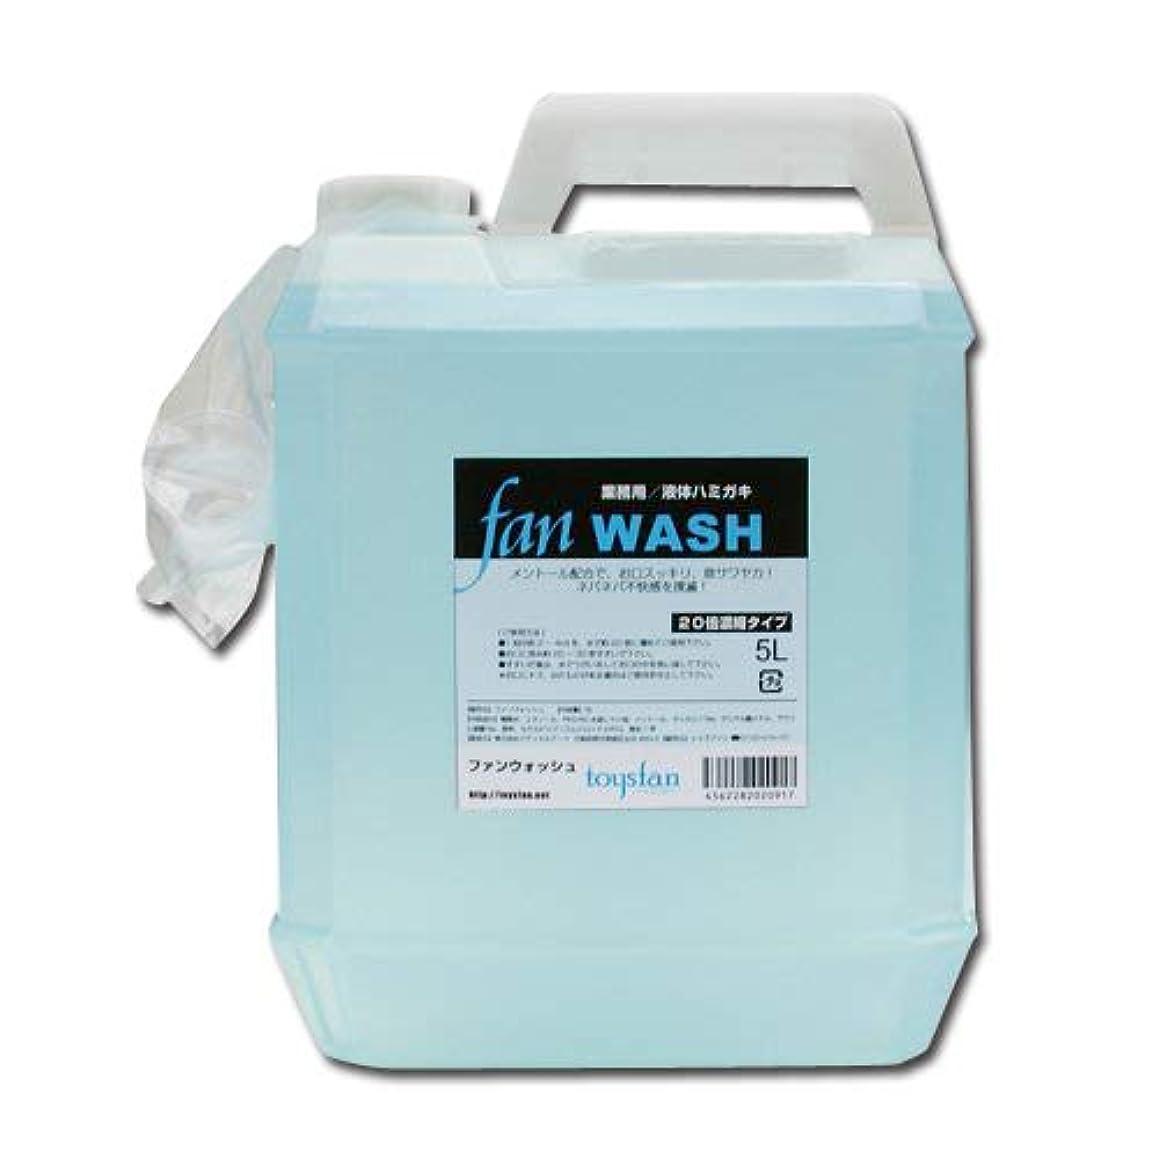 委託契約した作り上げるファンウォッシュ 5L(20倍濃縮)業務用液体ハミガキ FAN WASHメントール配合│液体歯磨き大容量!うがい液